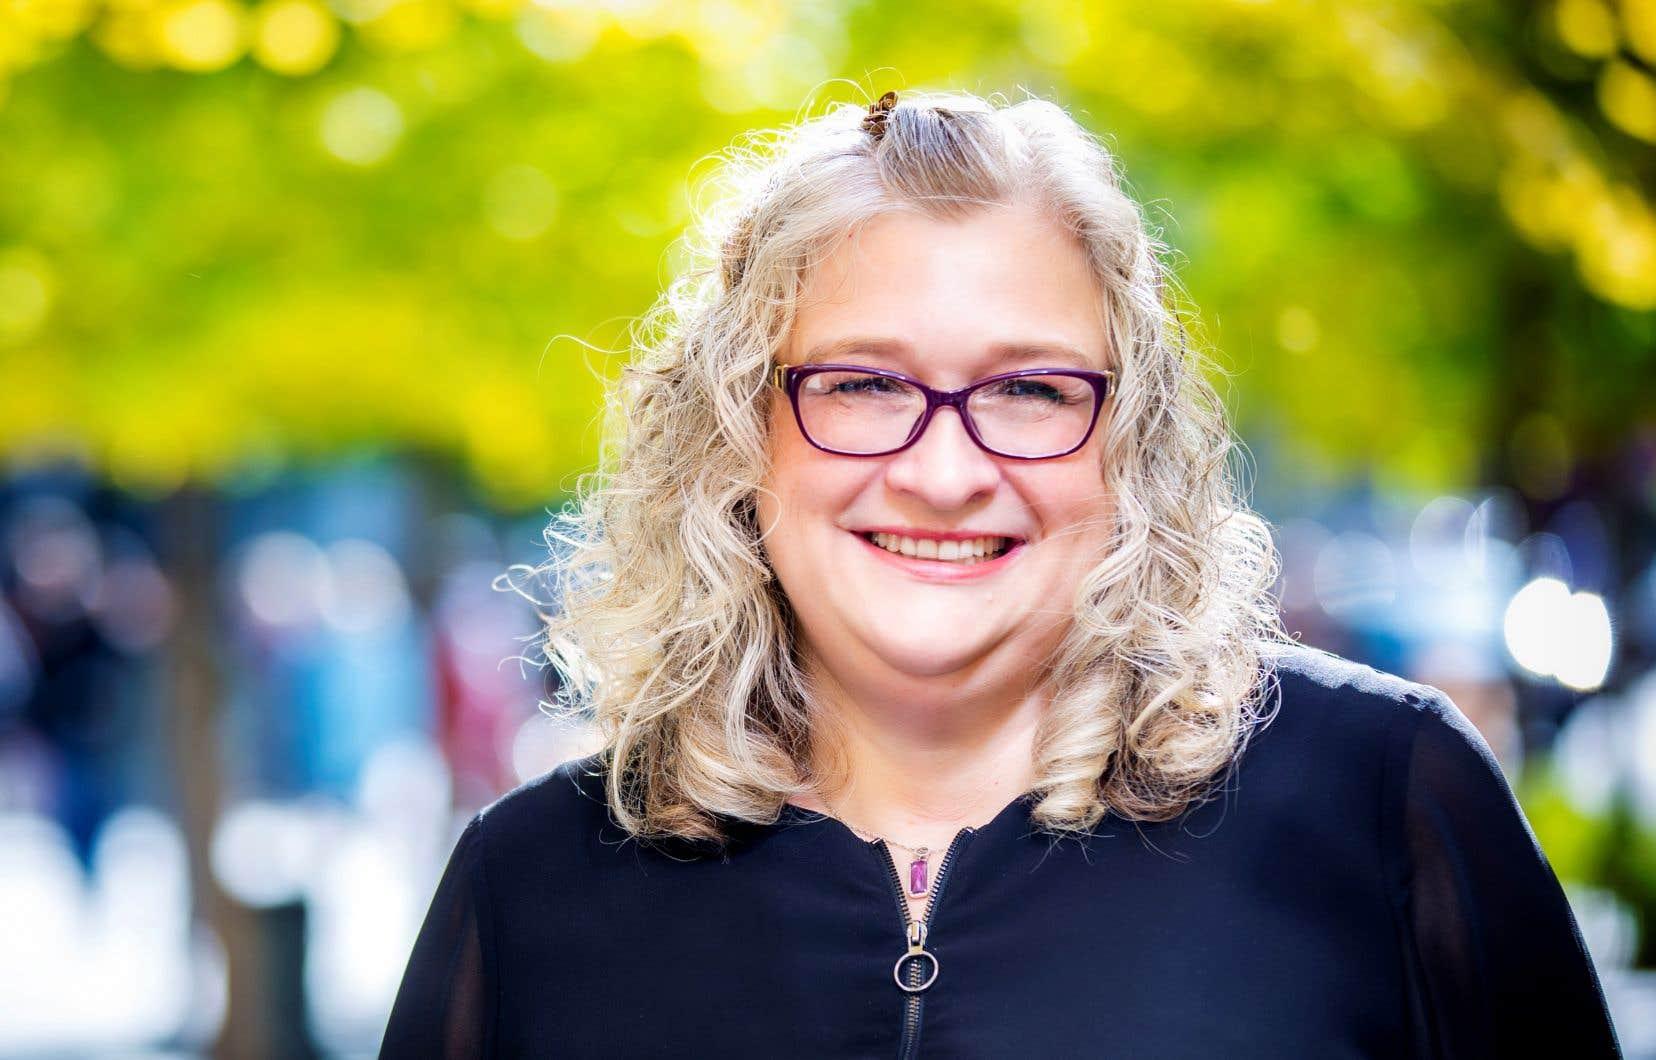 La créativité est l'une des plus grandes forces des chercheurs, estime Paula Wood-Adams.